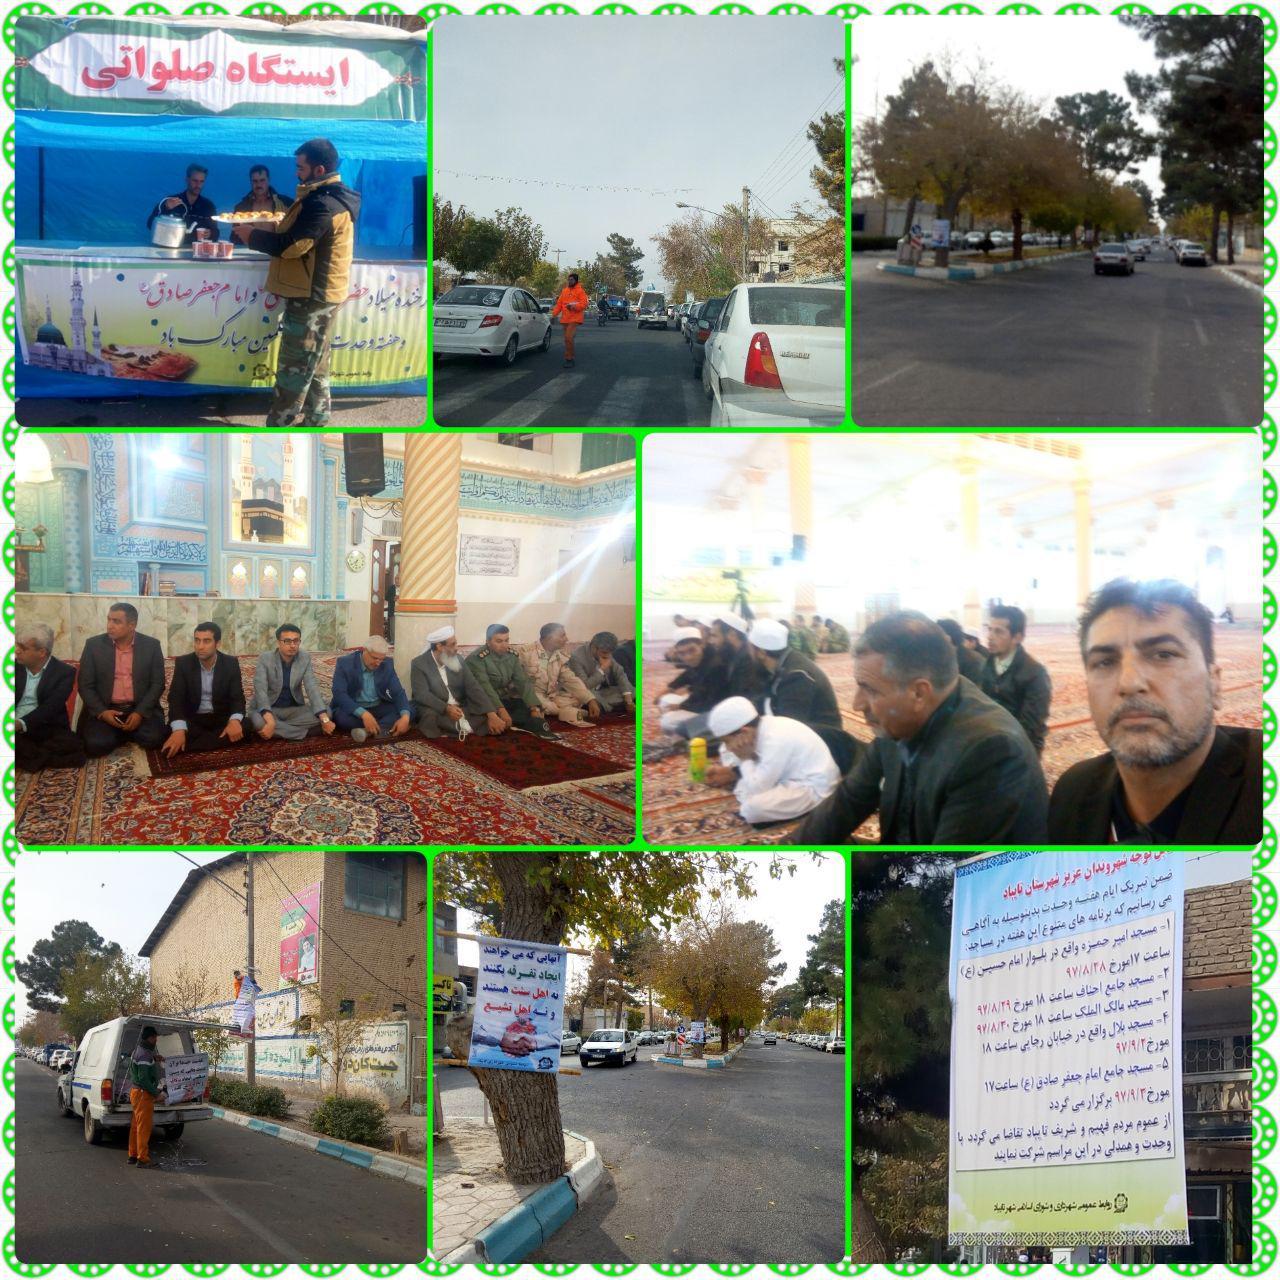 فعالیت گسترده شهرداری تایباد درهفته وحدت به روایت تصویر